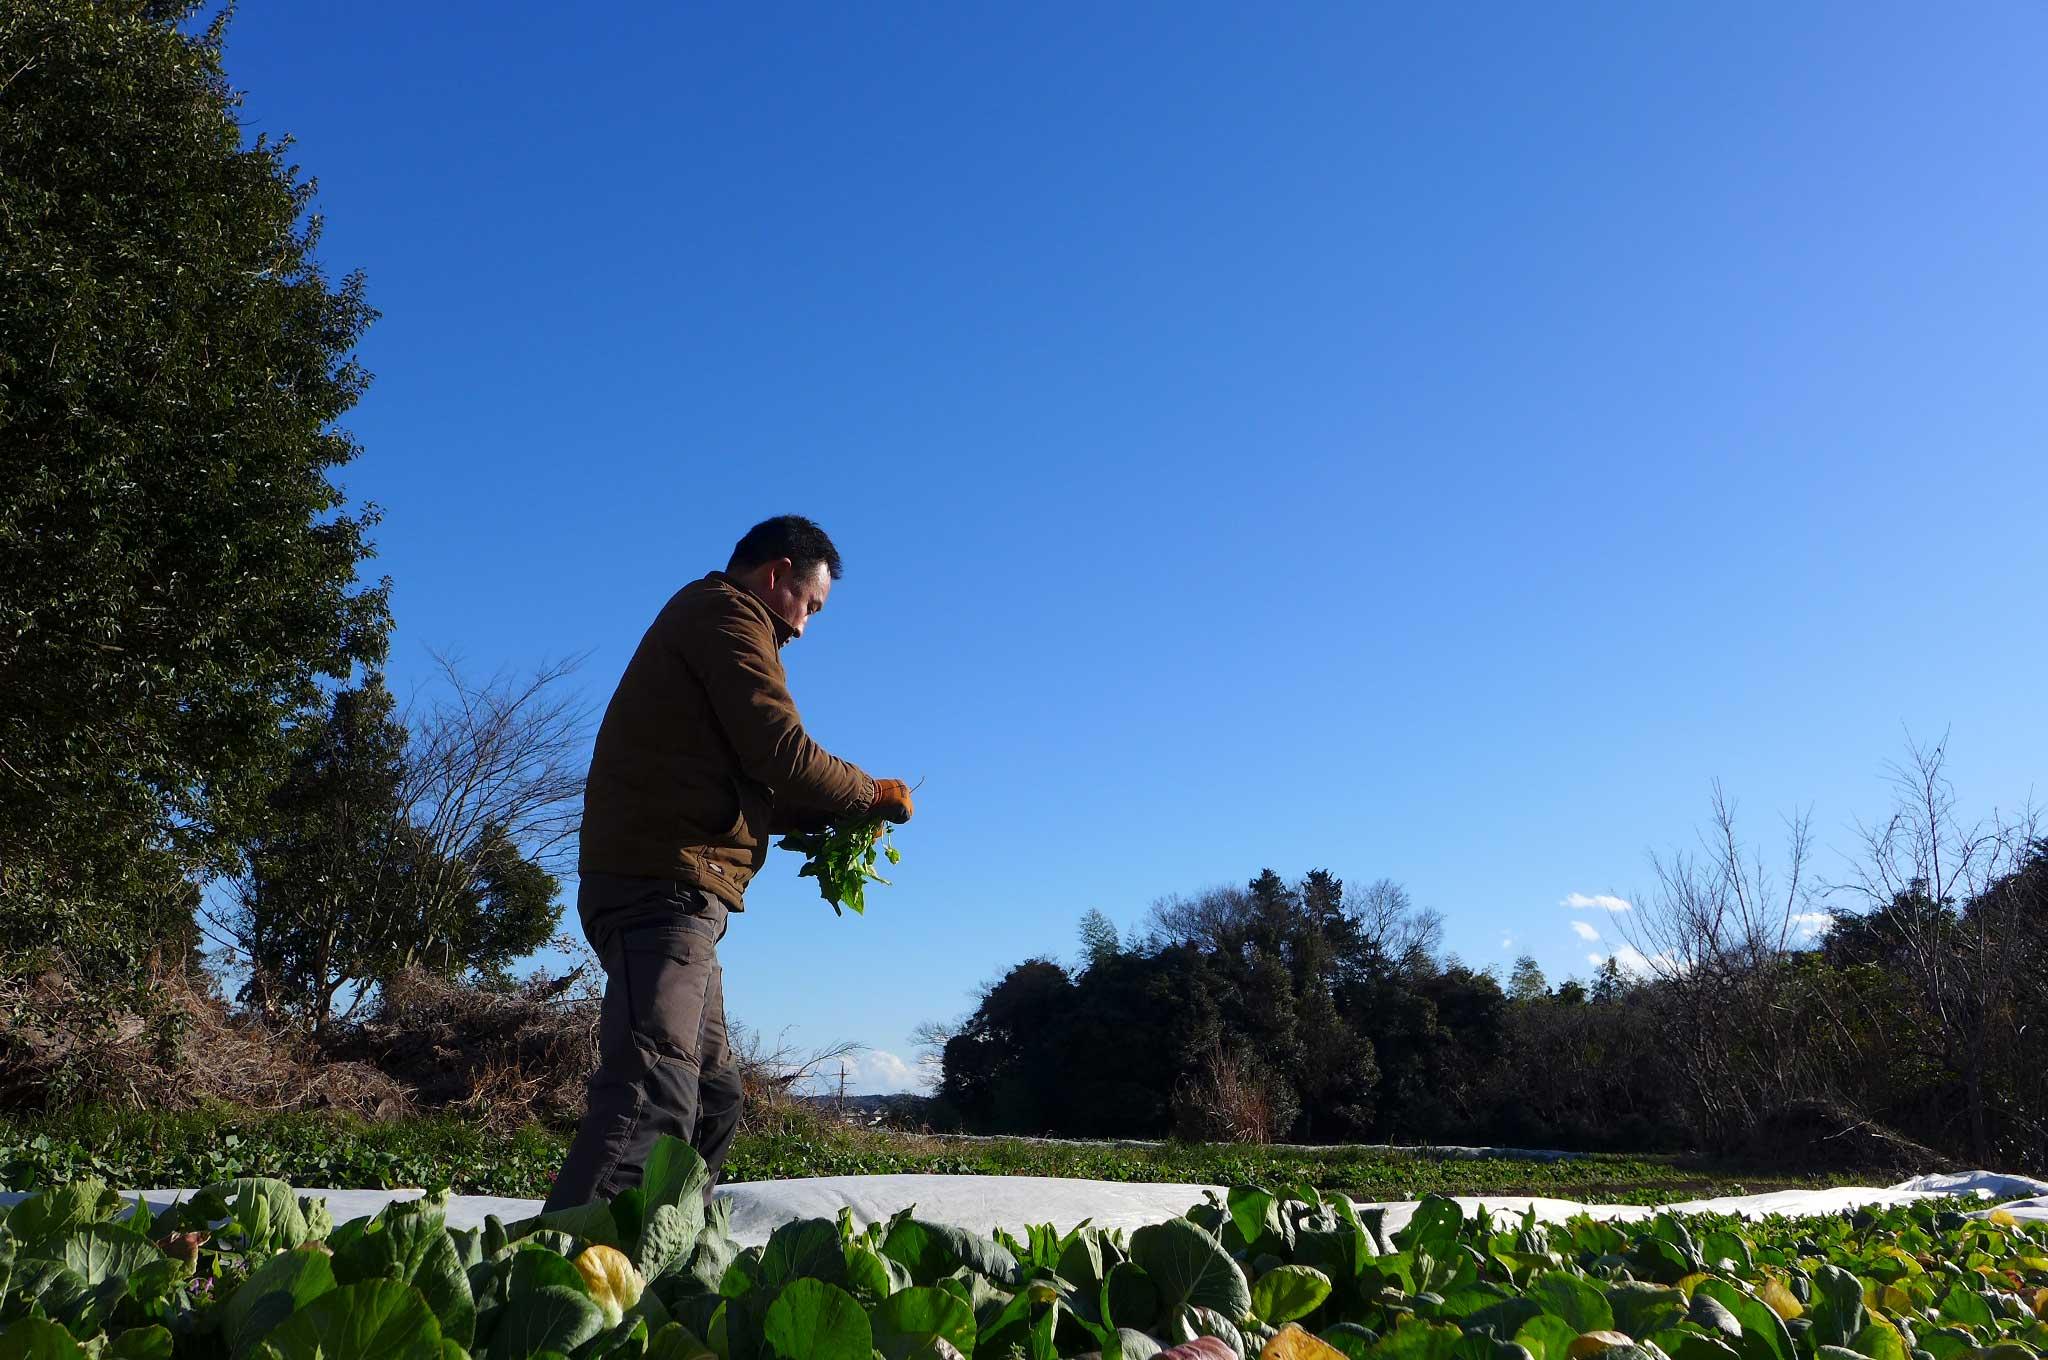 有機農業での、生産者と消費者の理想的な関わり方って?